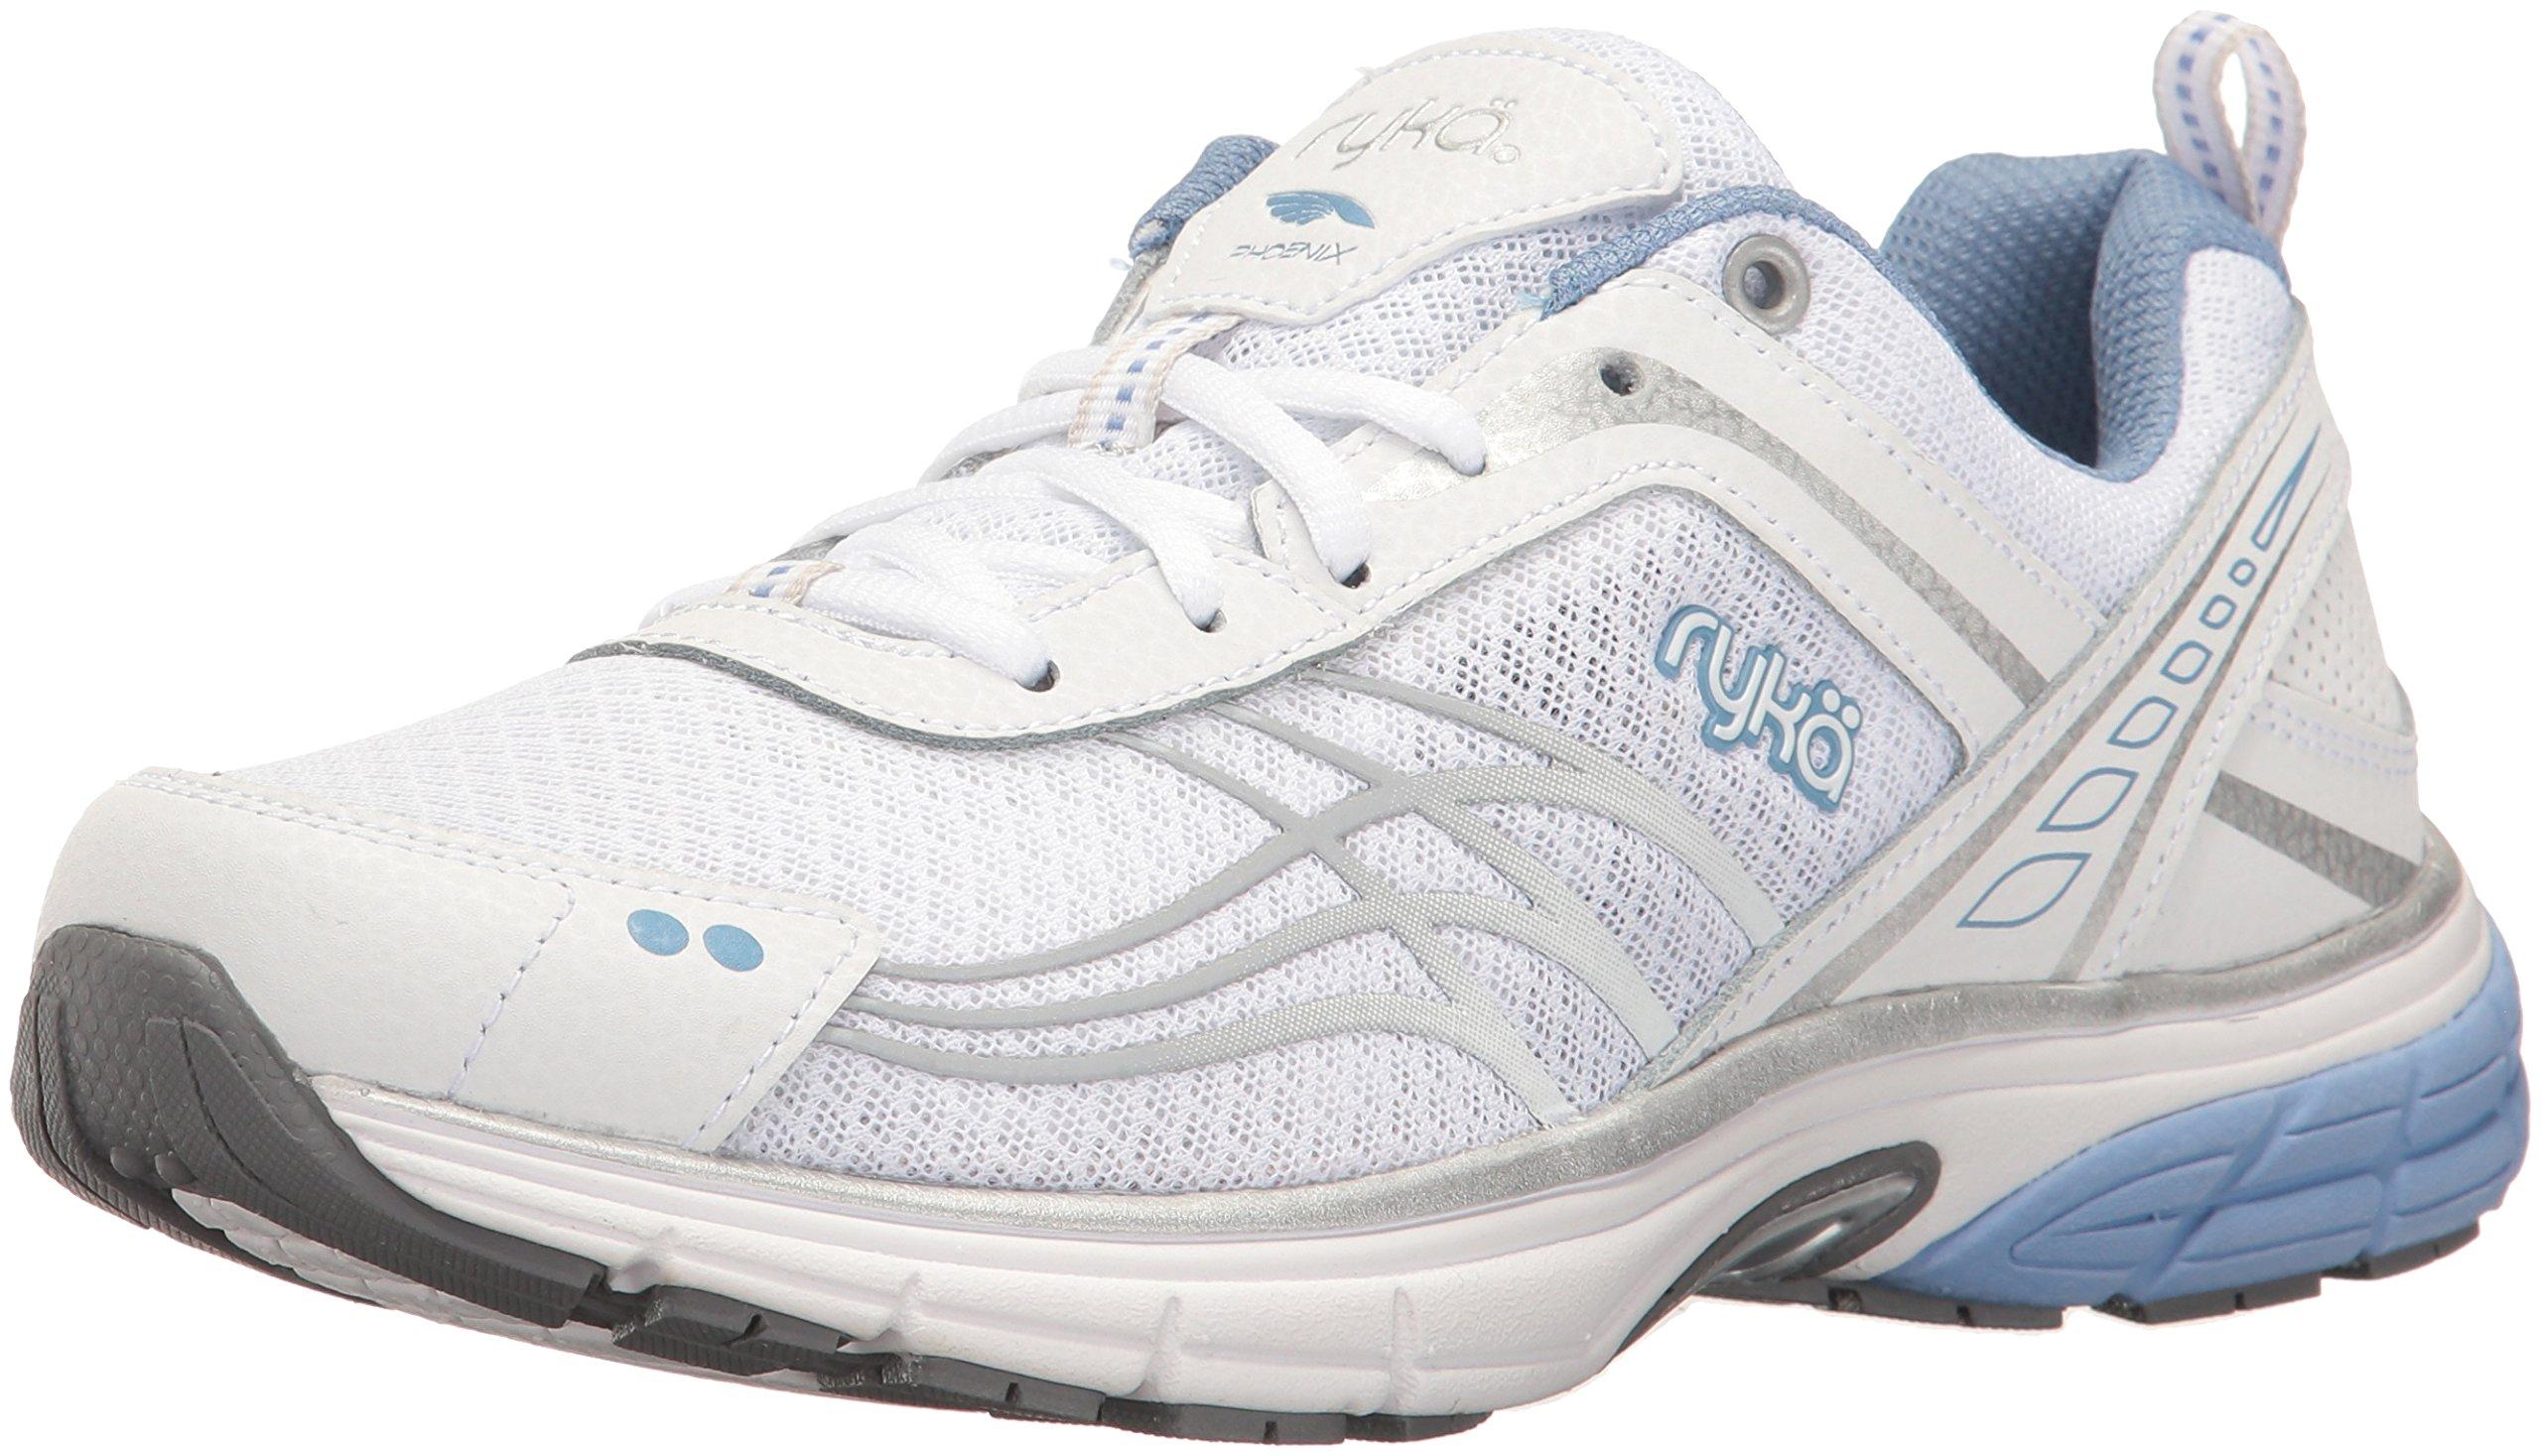 Ryka Women's Phoenix Running Shoe, White/Silver, 7.5 M US by Ryka (Image #1)